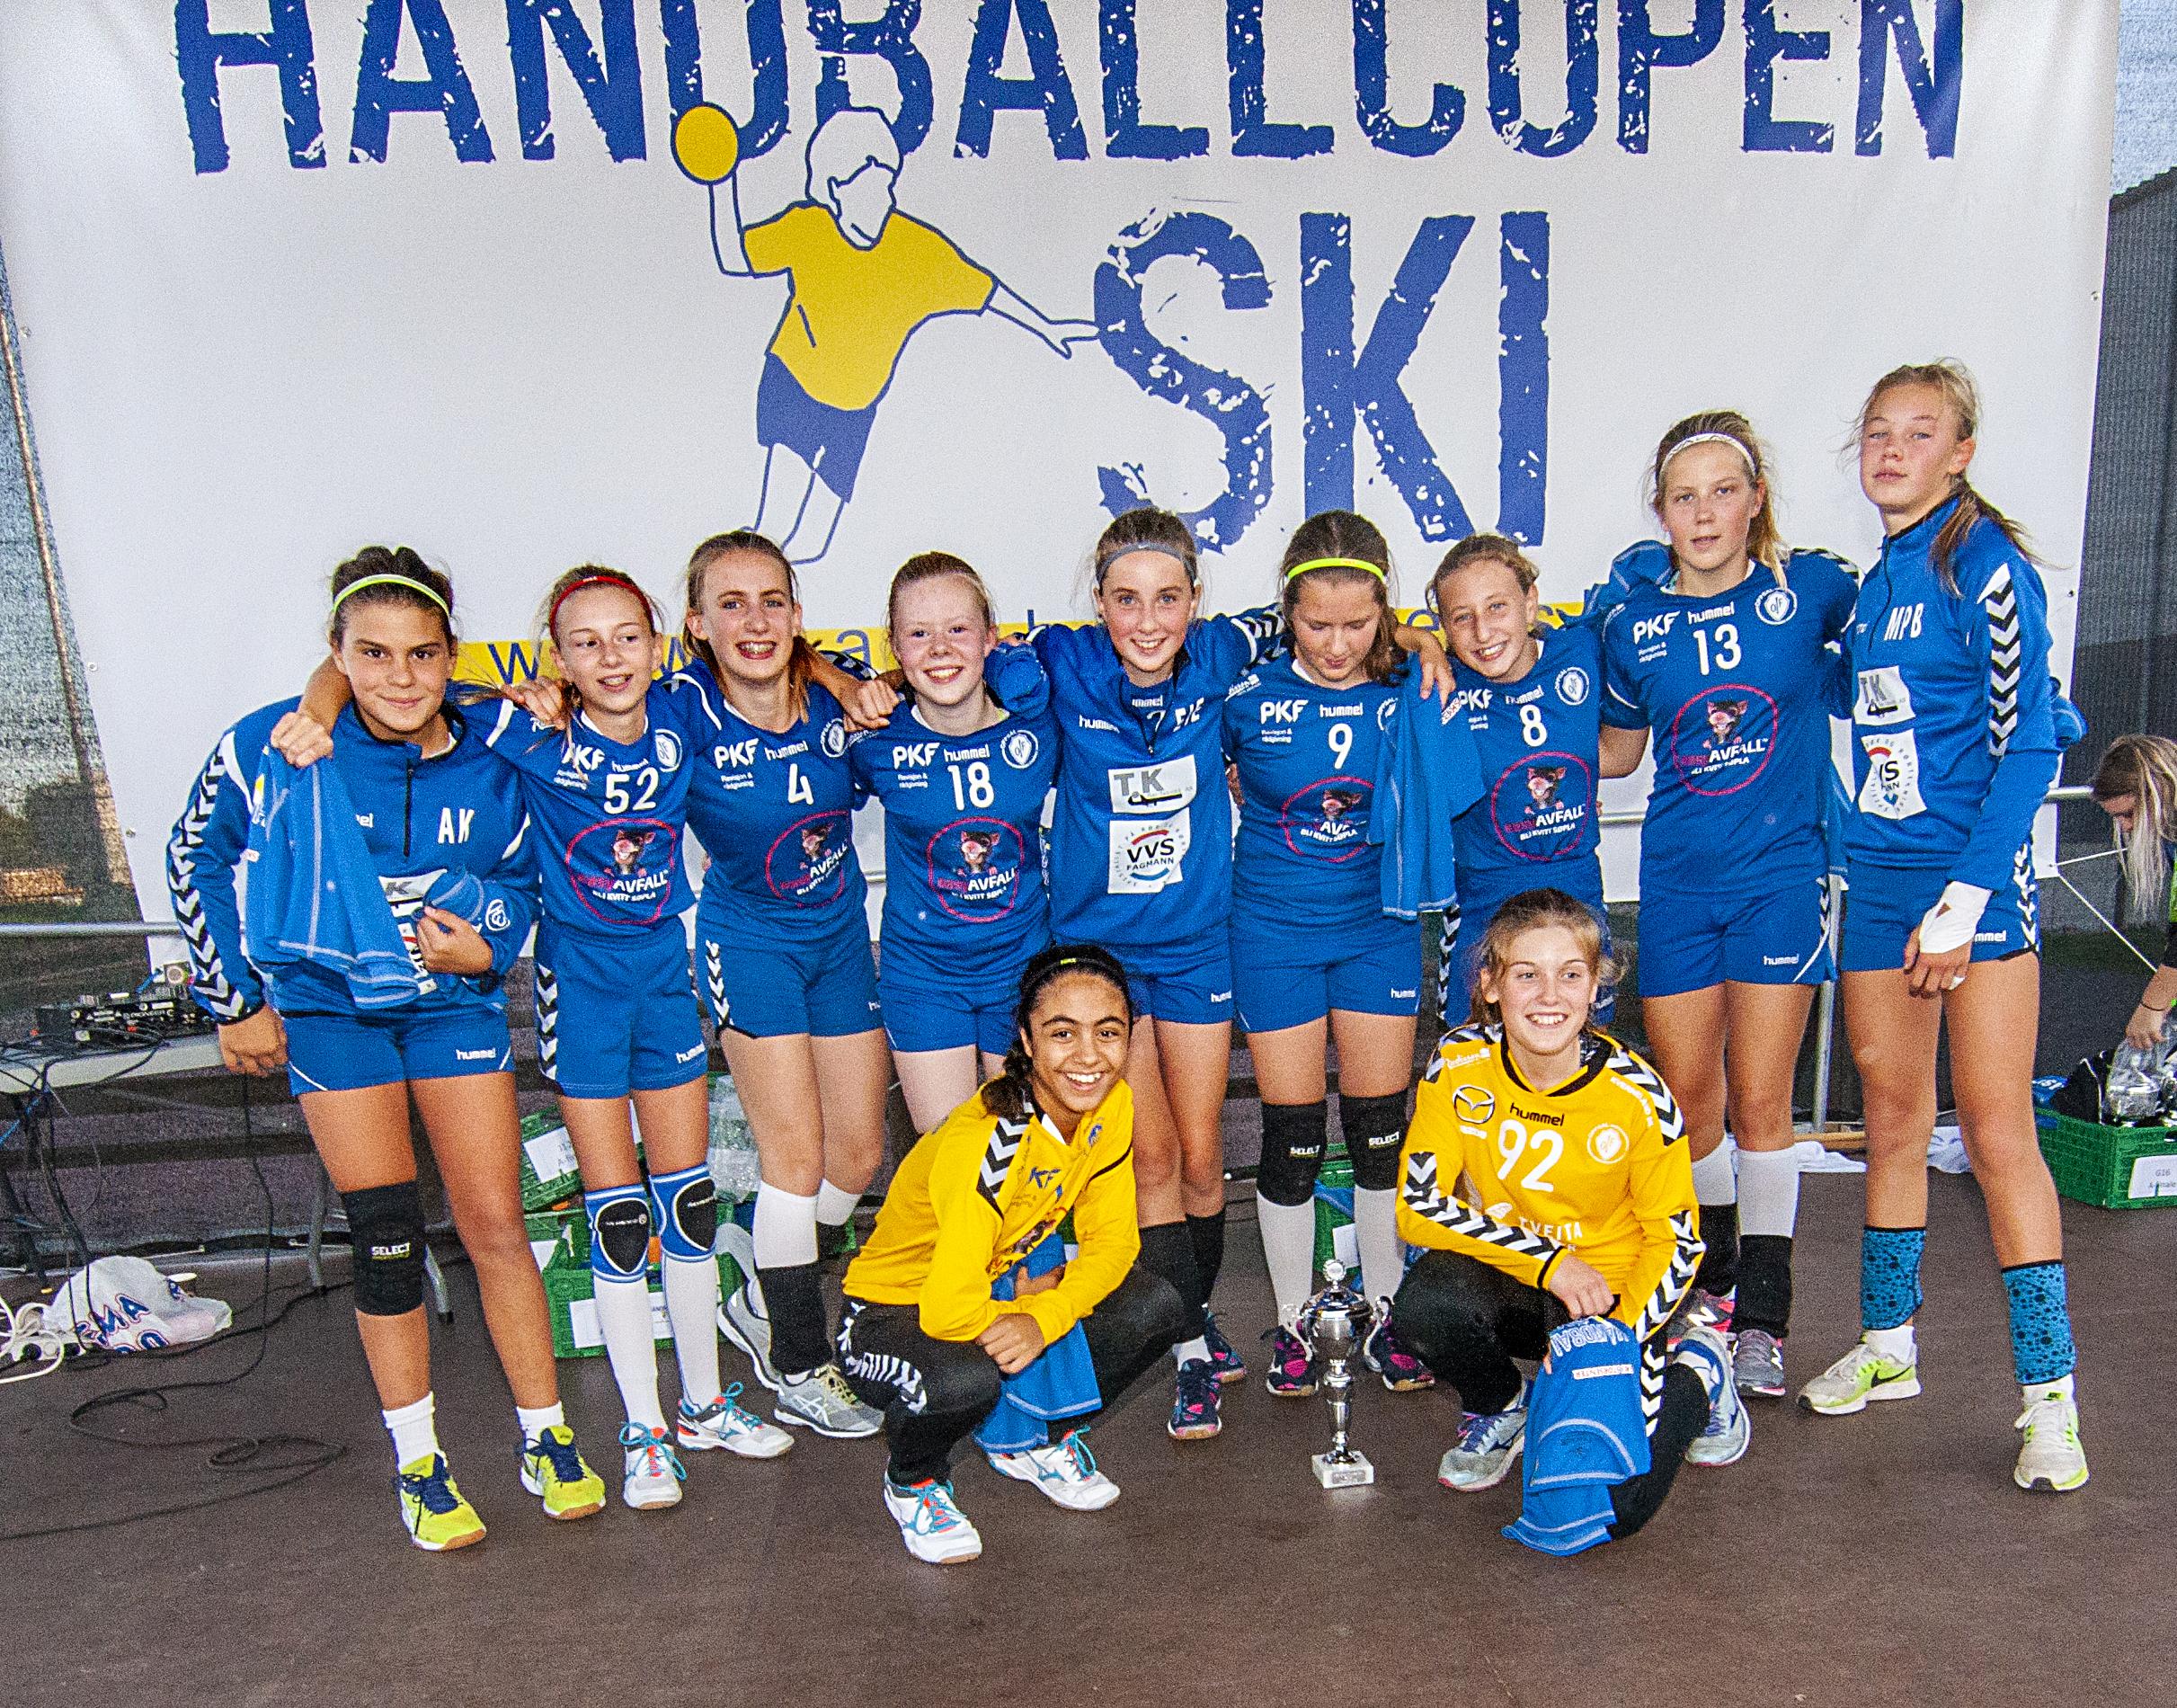 dcd94f54 Påmeldte lag - Håndballcupen Ski 2019 Results